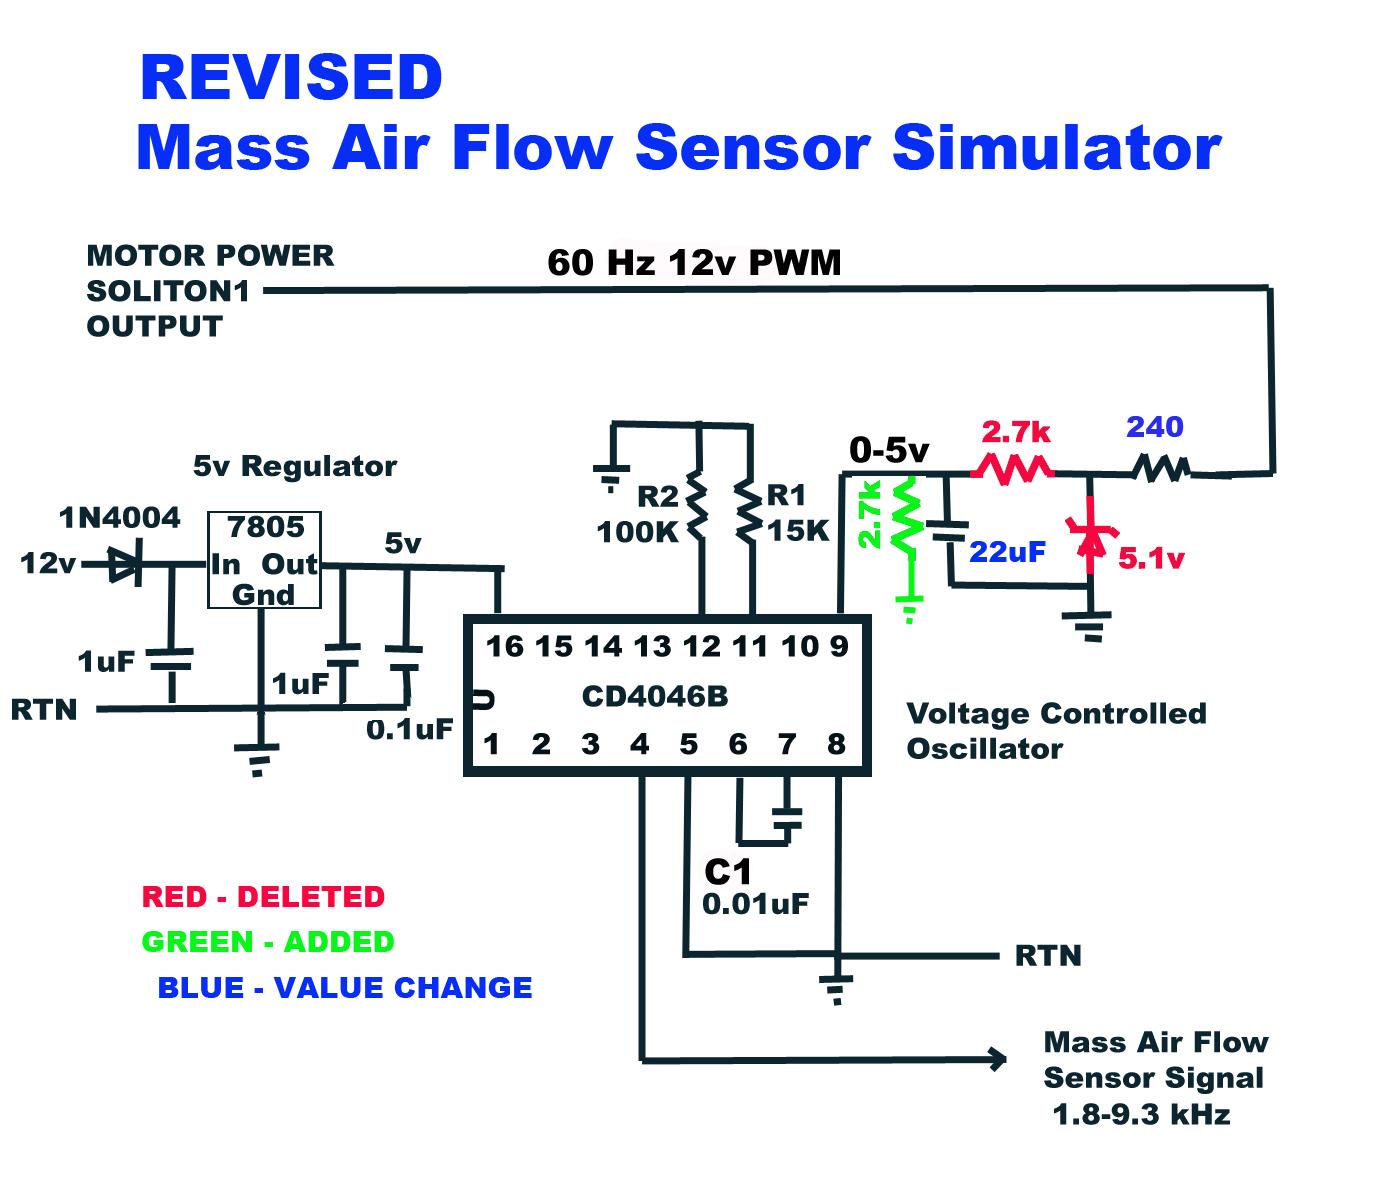 2008 ford f 150 maf wiring diagram xd 3218  2013 ford map sensor wiring diagram schematic wiring  2013 ford map sensor wiring diagram